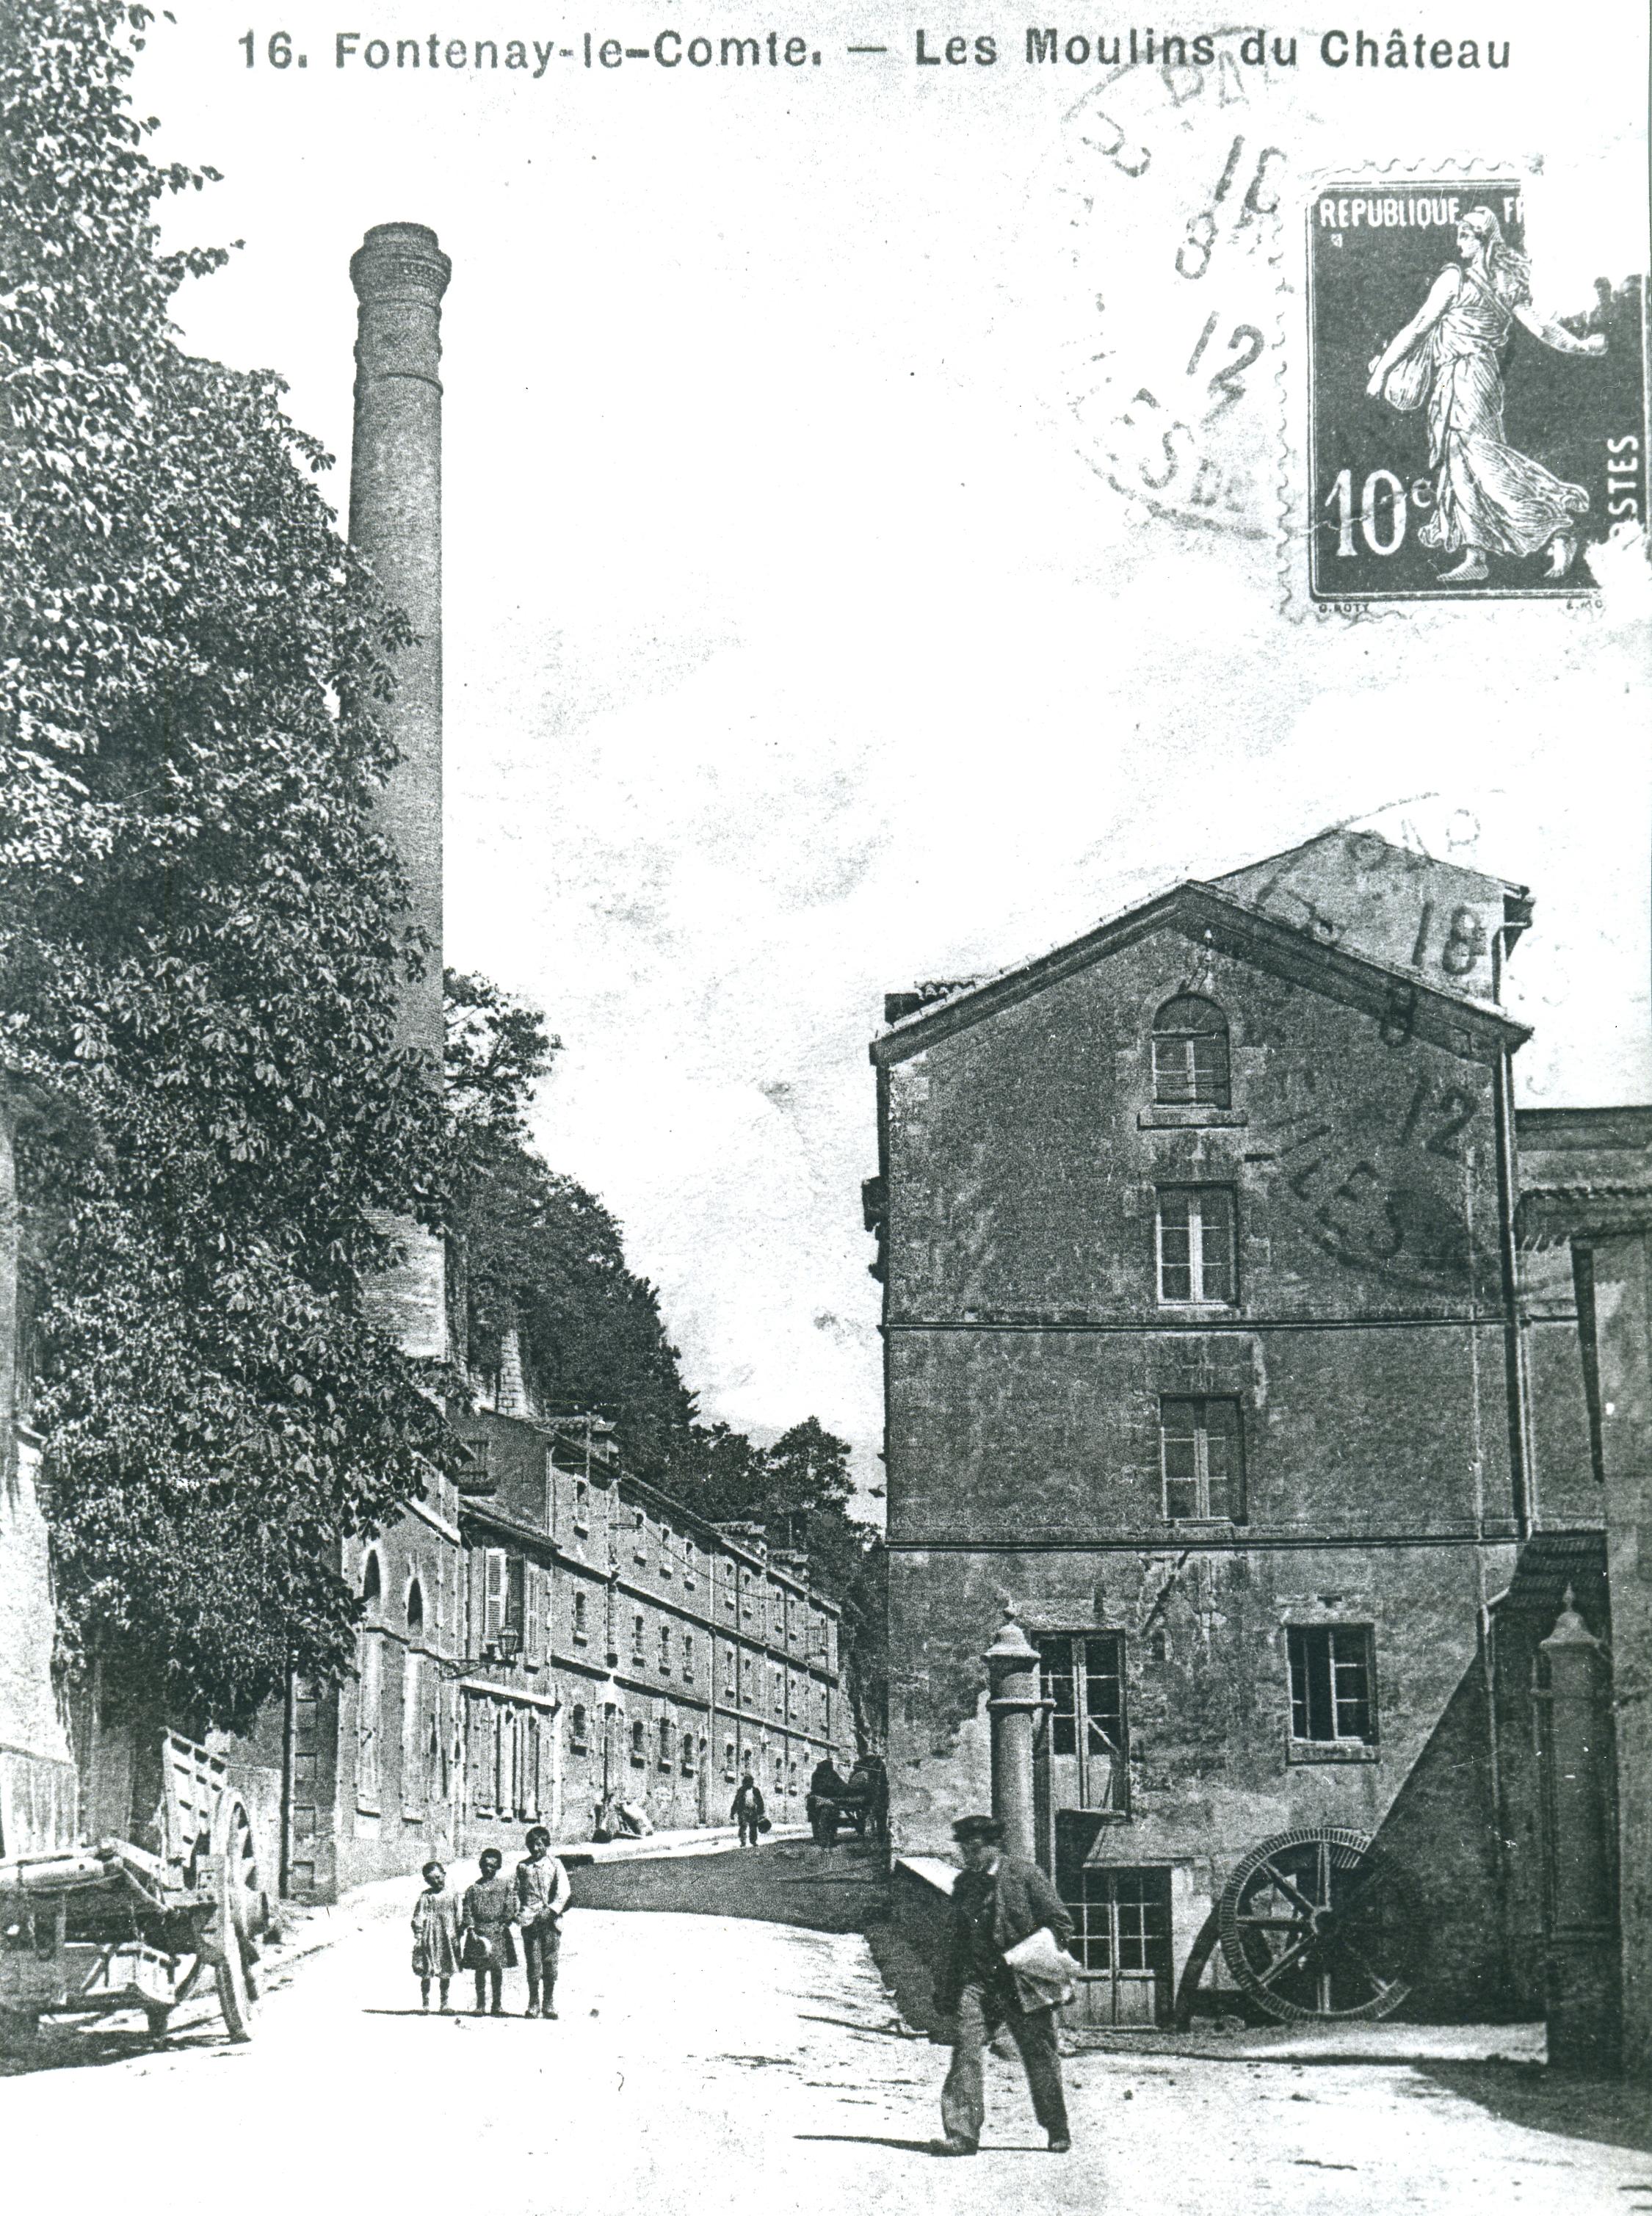 1964 PHOTO